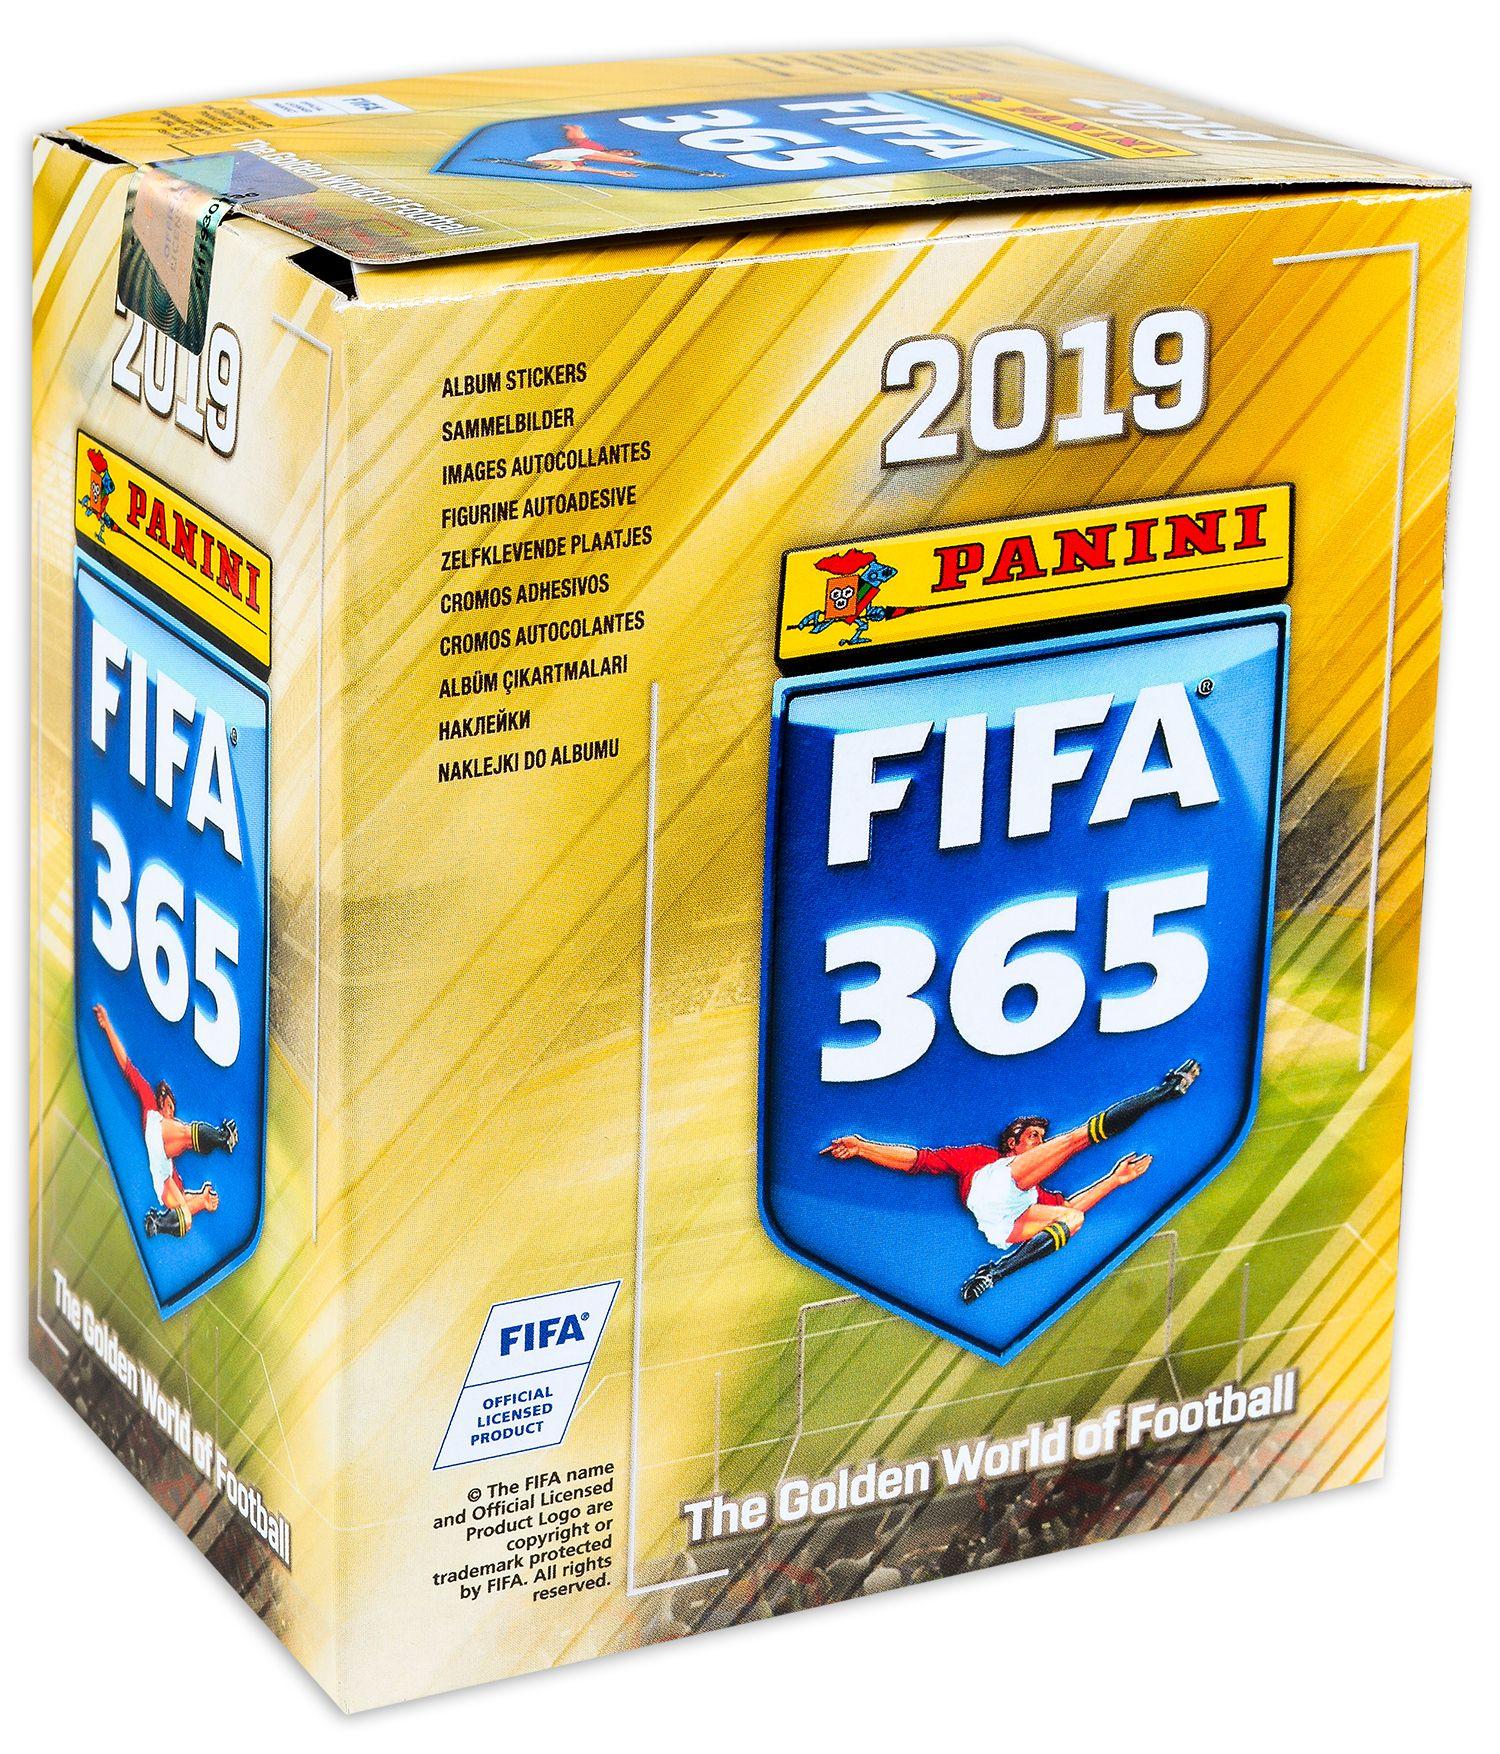 Стикери Panini FIFA 365 2019 - кутия с 50 пакета - 250 бр. стикери - 1